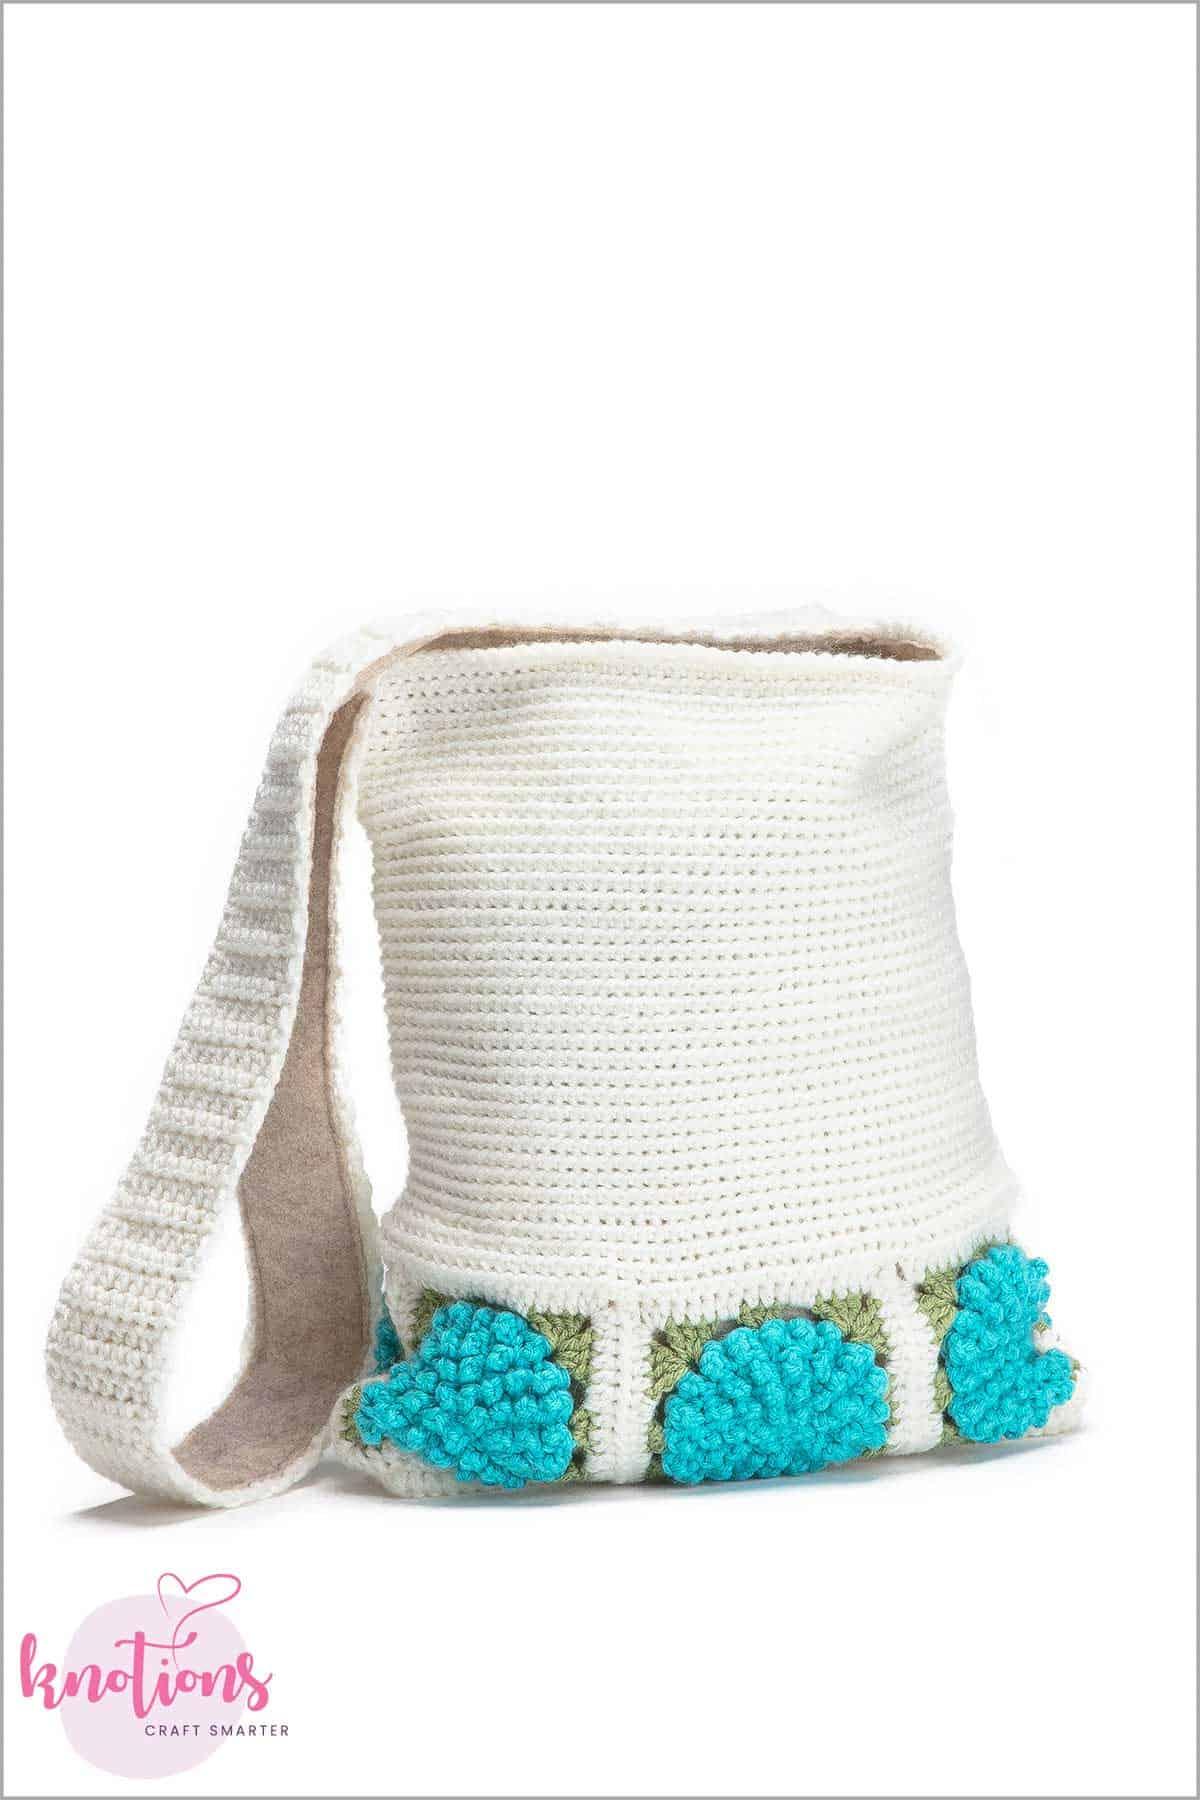 hydrangea-tote-bag2